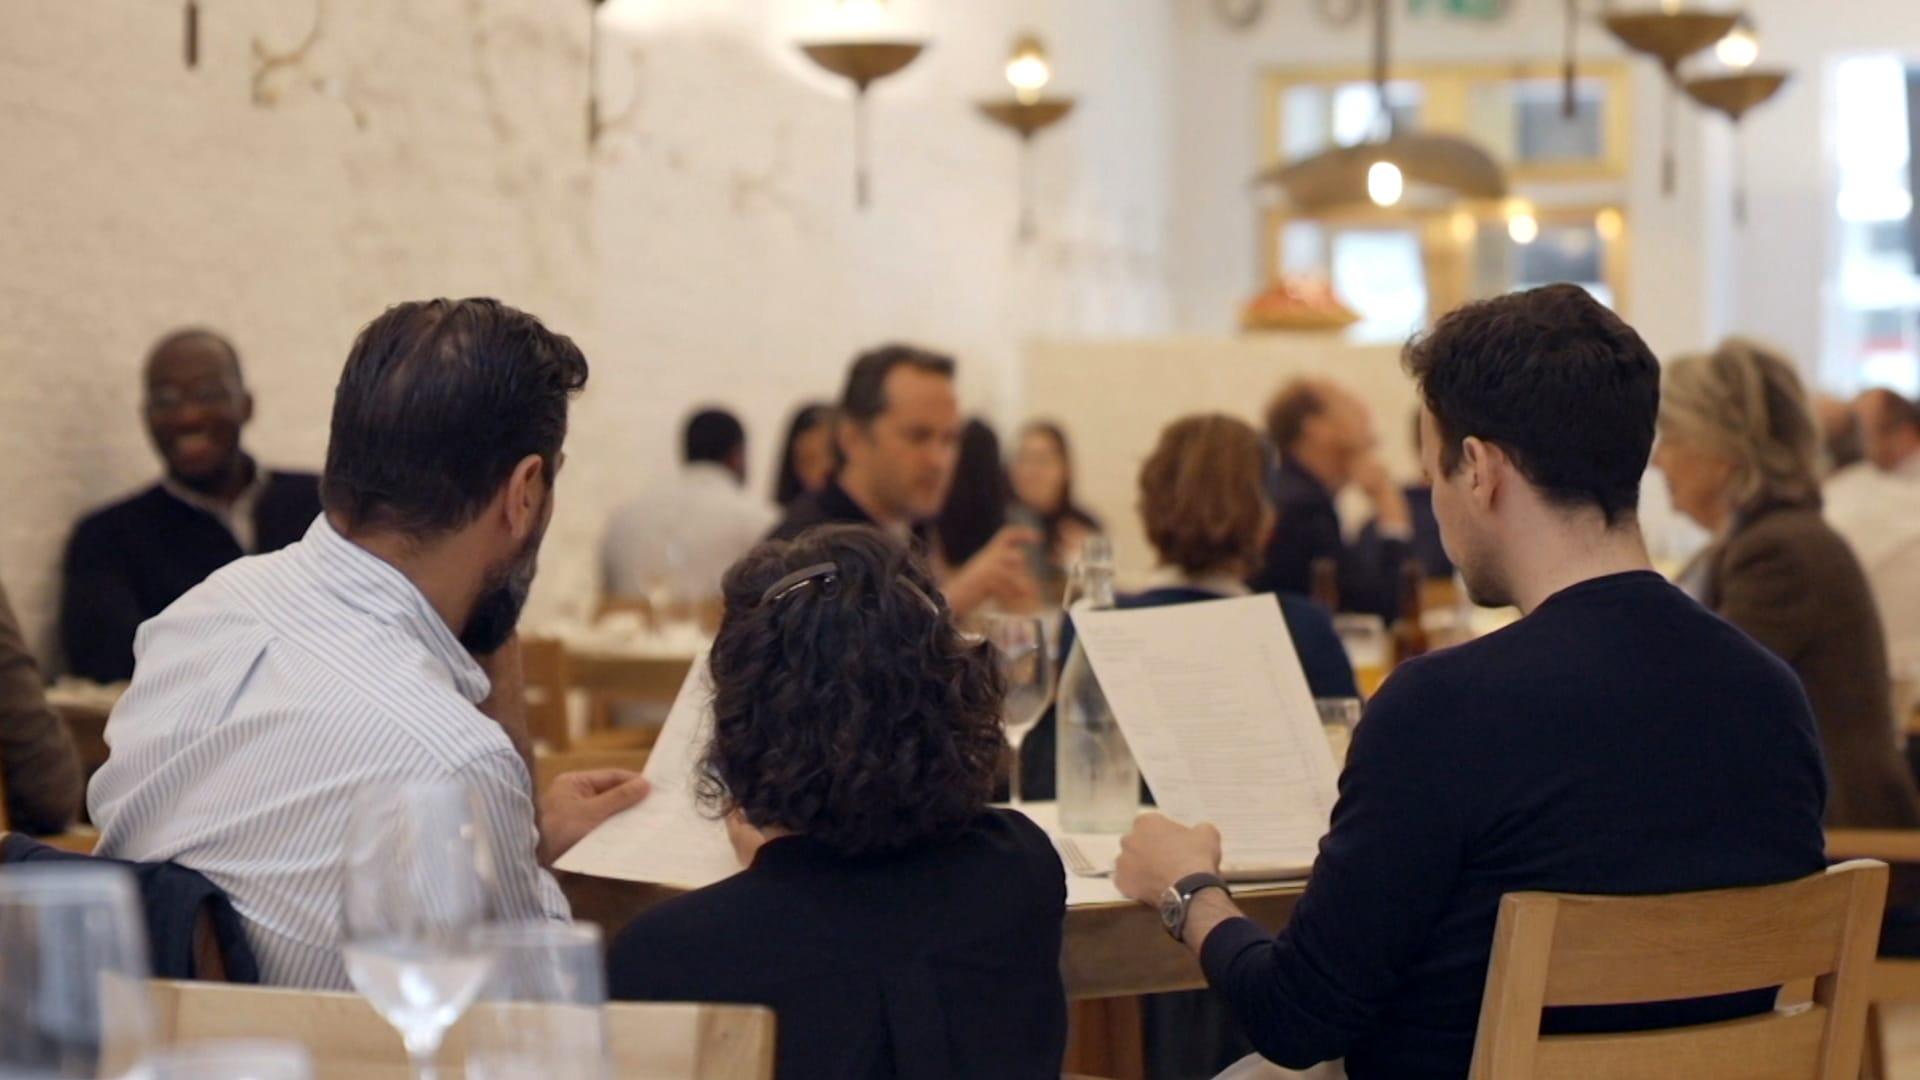 مطاعم لندن تعود للصخب مرة أخرى.. وقطاع الطعام يواجه تحديات